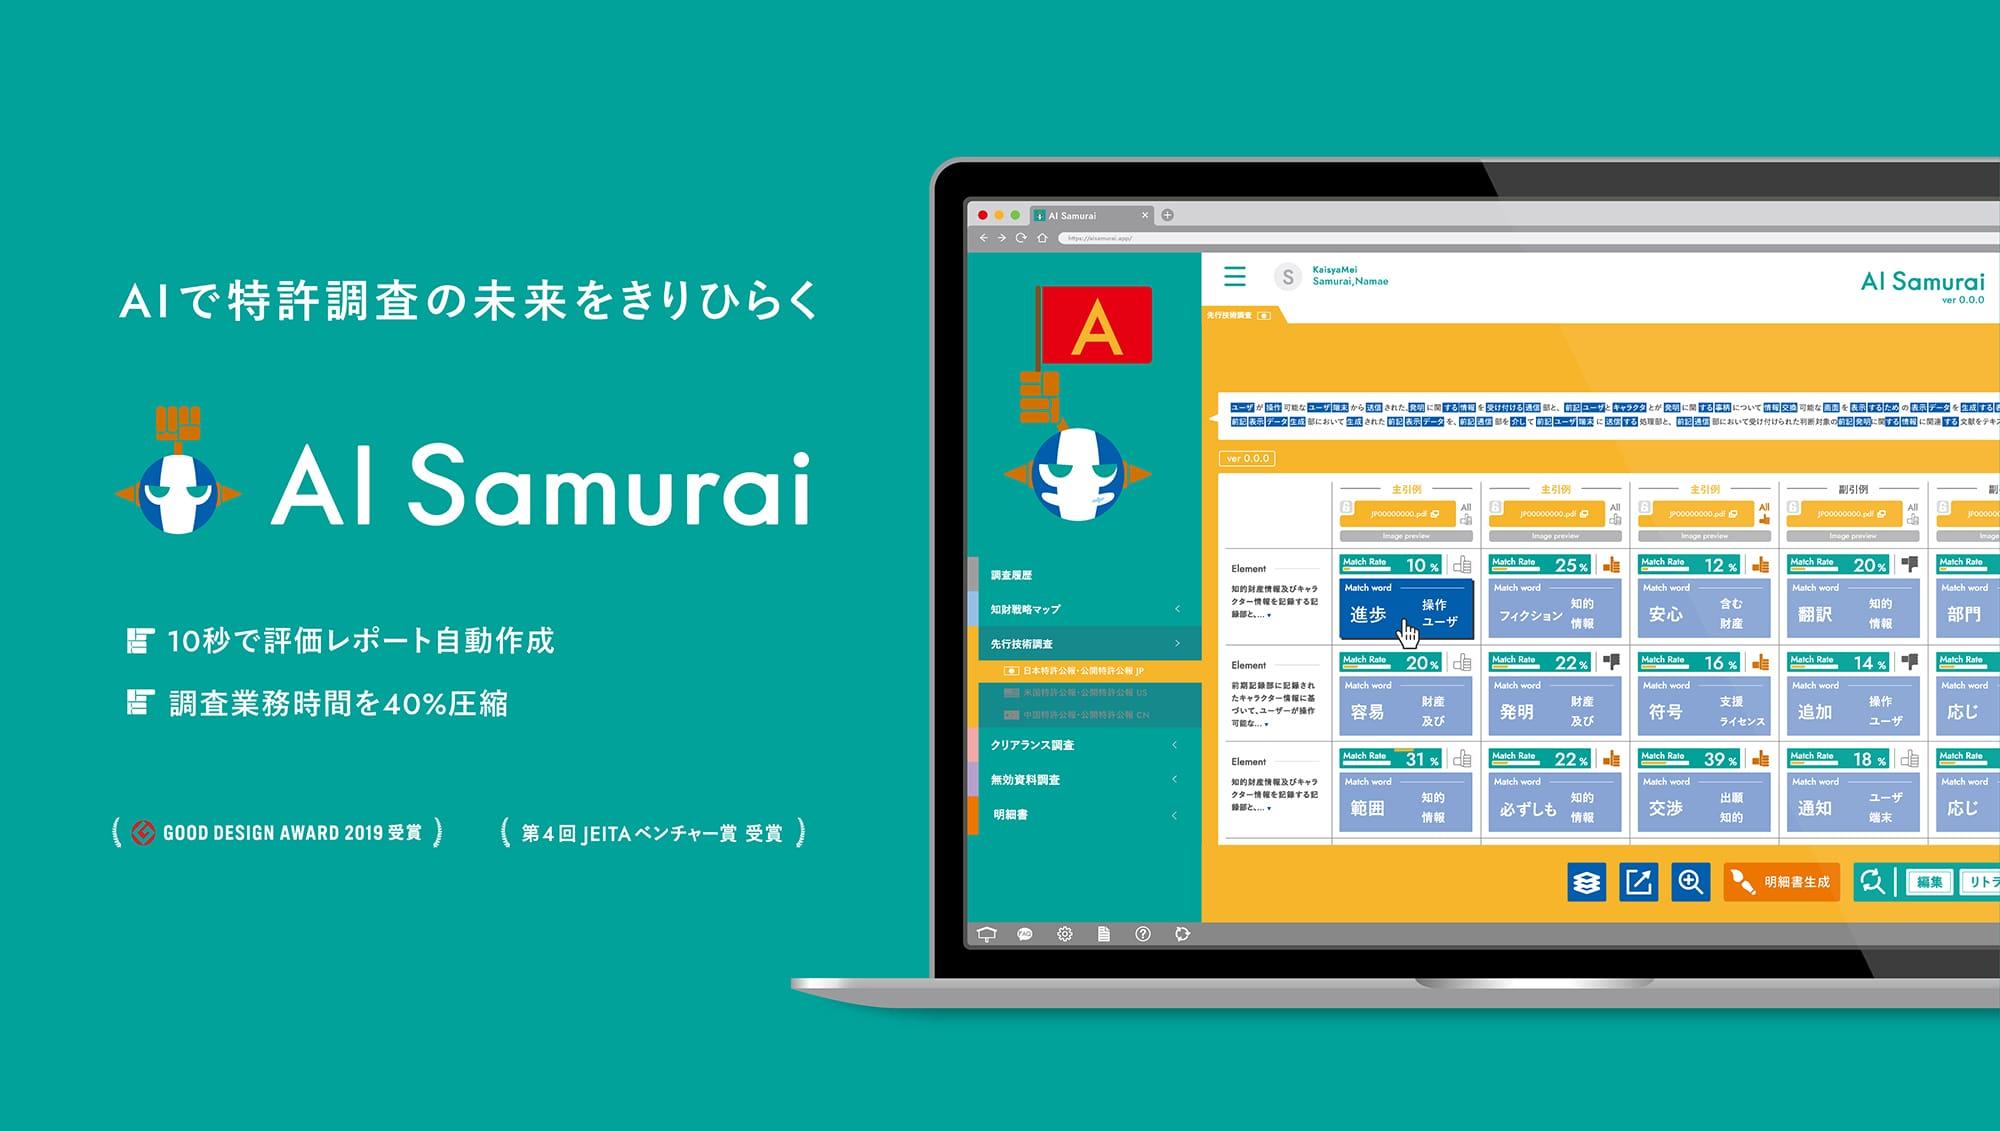 AI Samurai製品紹介ページへ